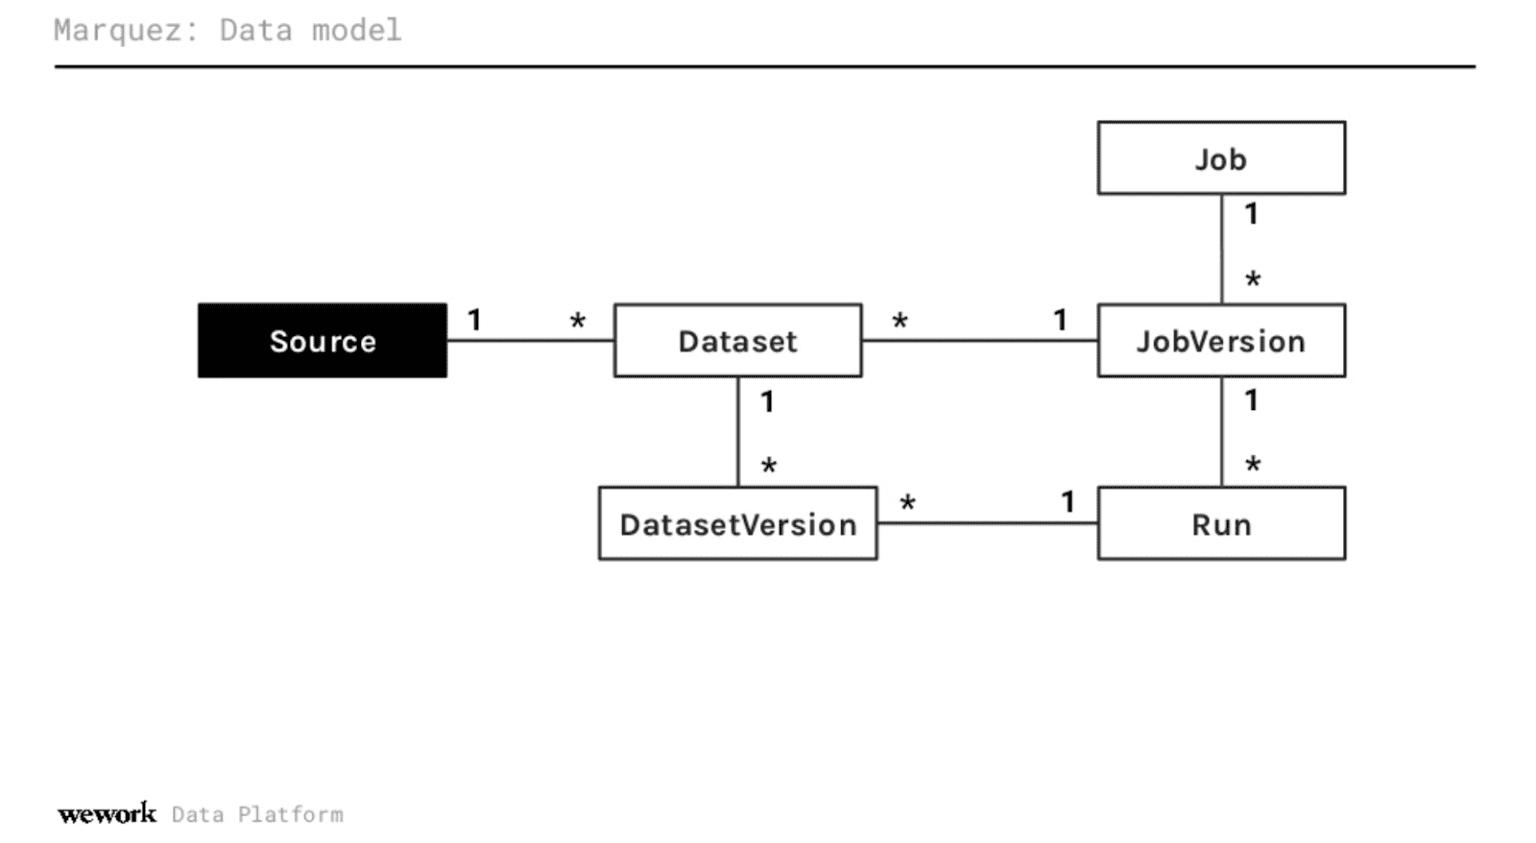 marquez-data-model